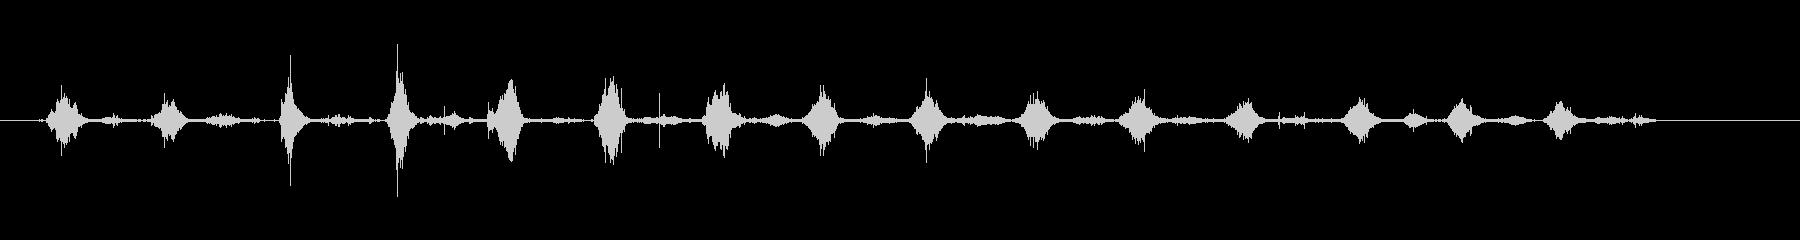 鎌-カッティングヘイ-楽器の未再生の波形